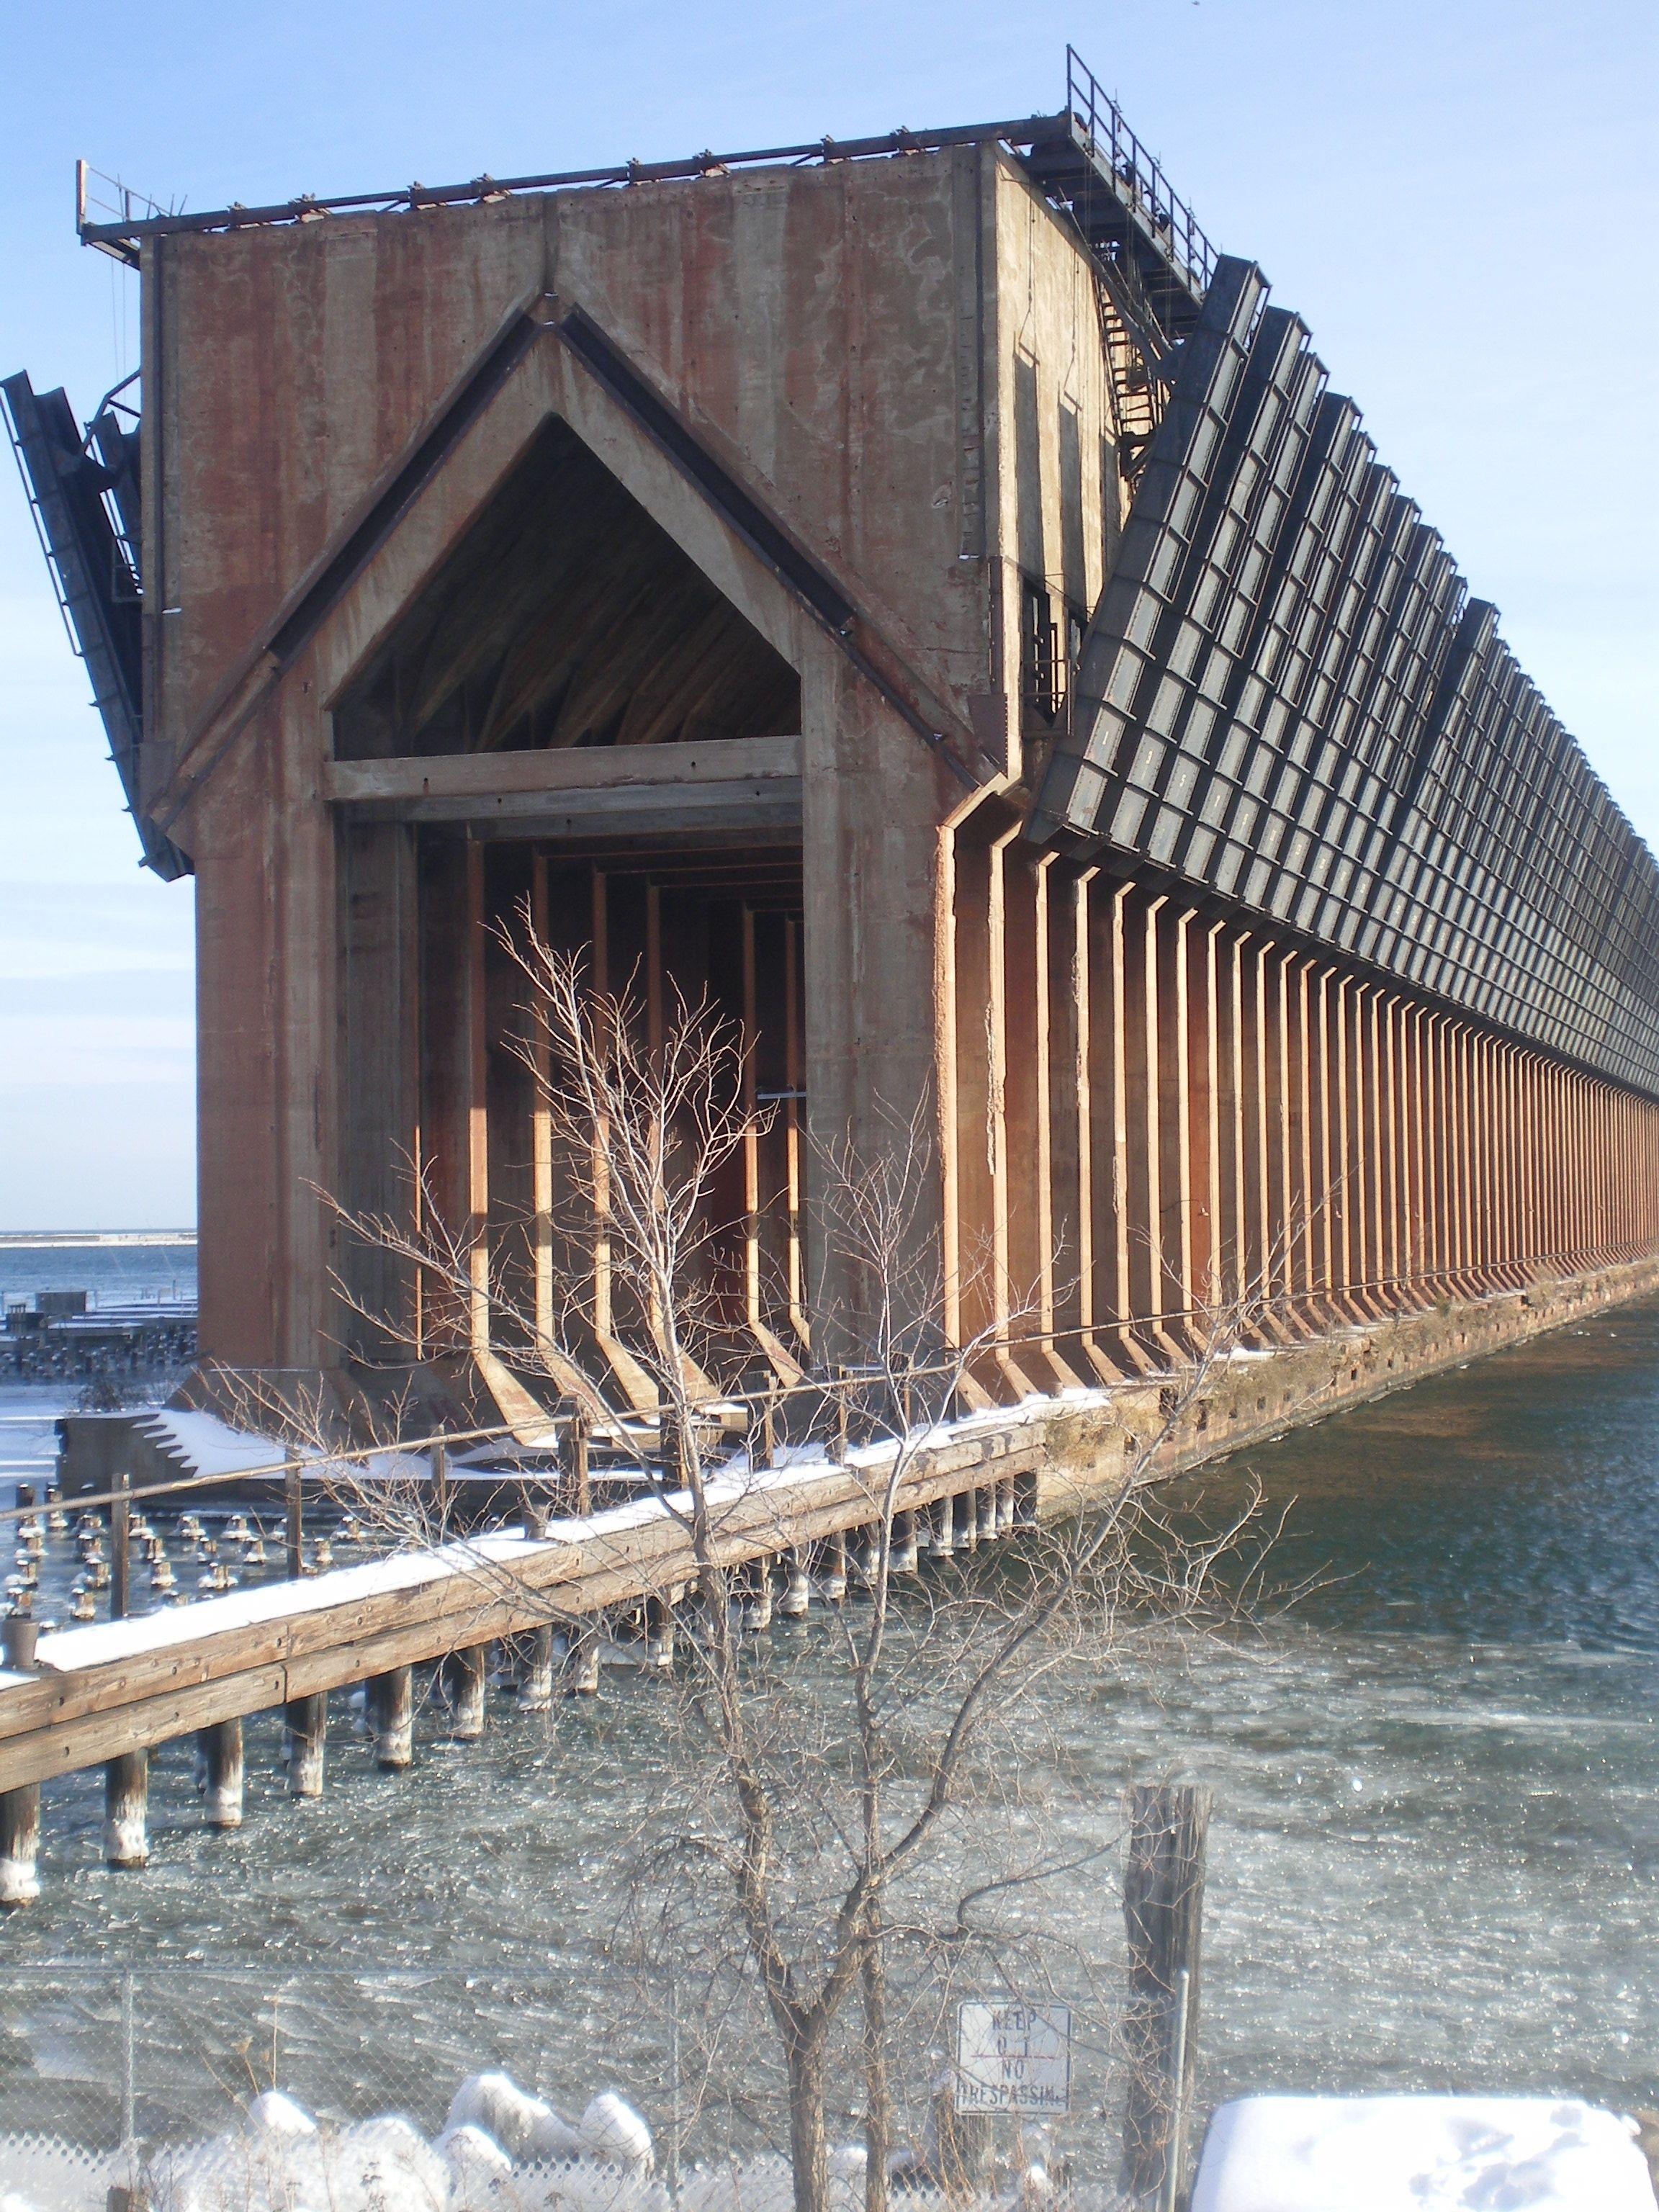 Old Ore Dock, lake Superior in Marquette Michigan.